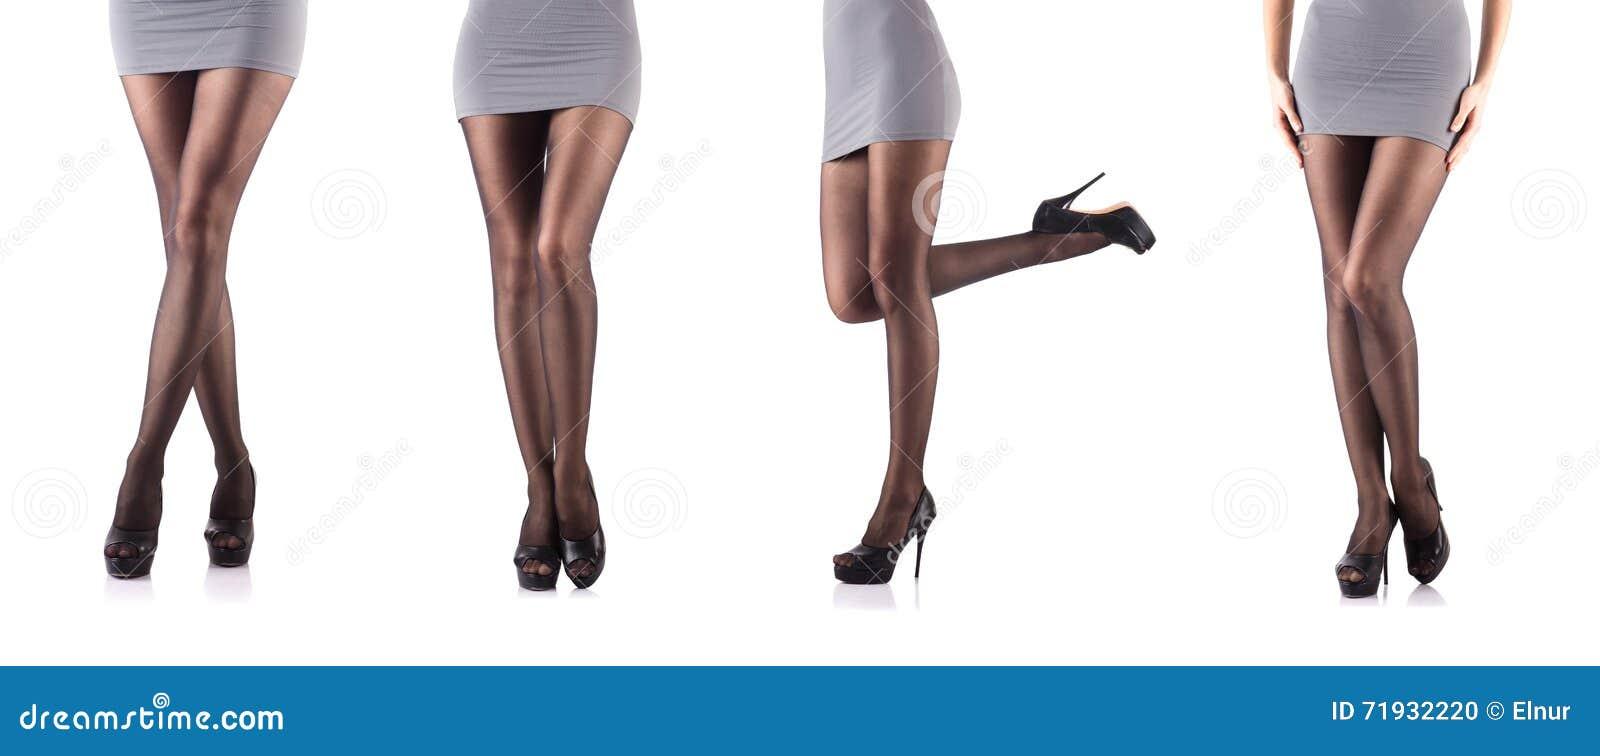 Женщина при высокорослые ноги изолированные на белизне